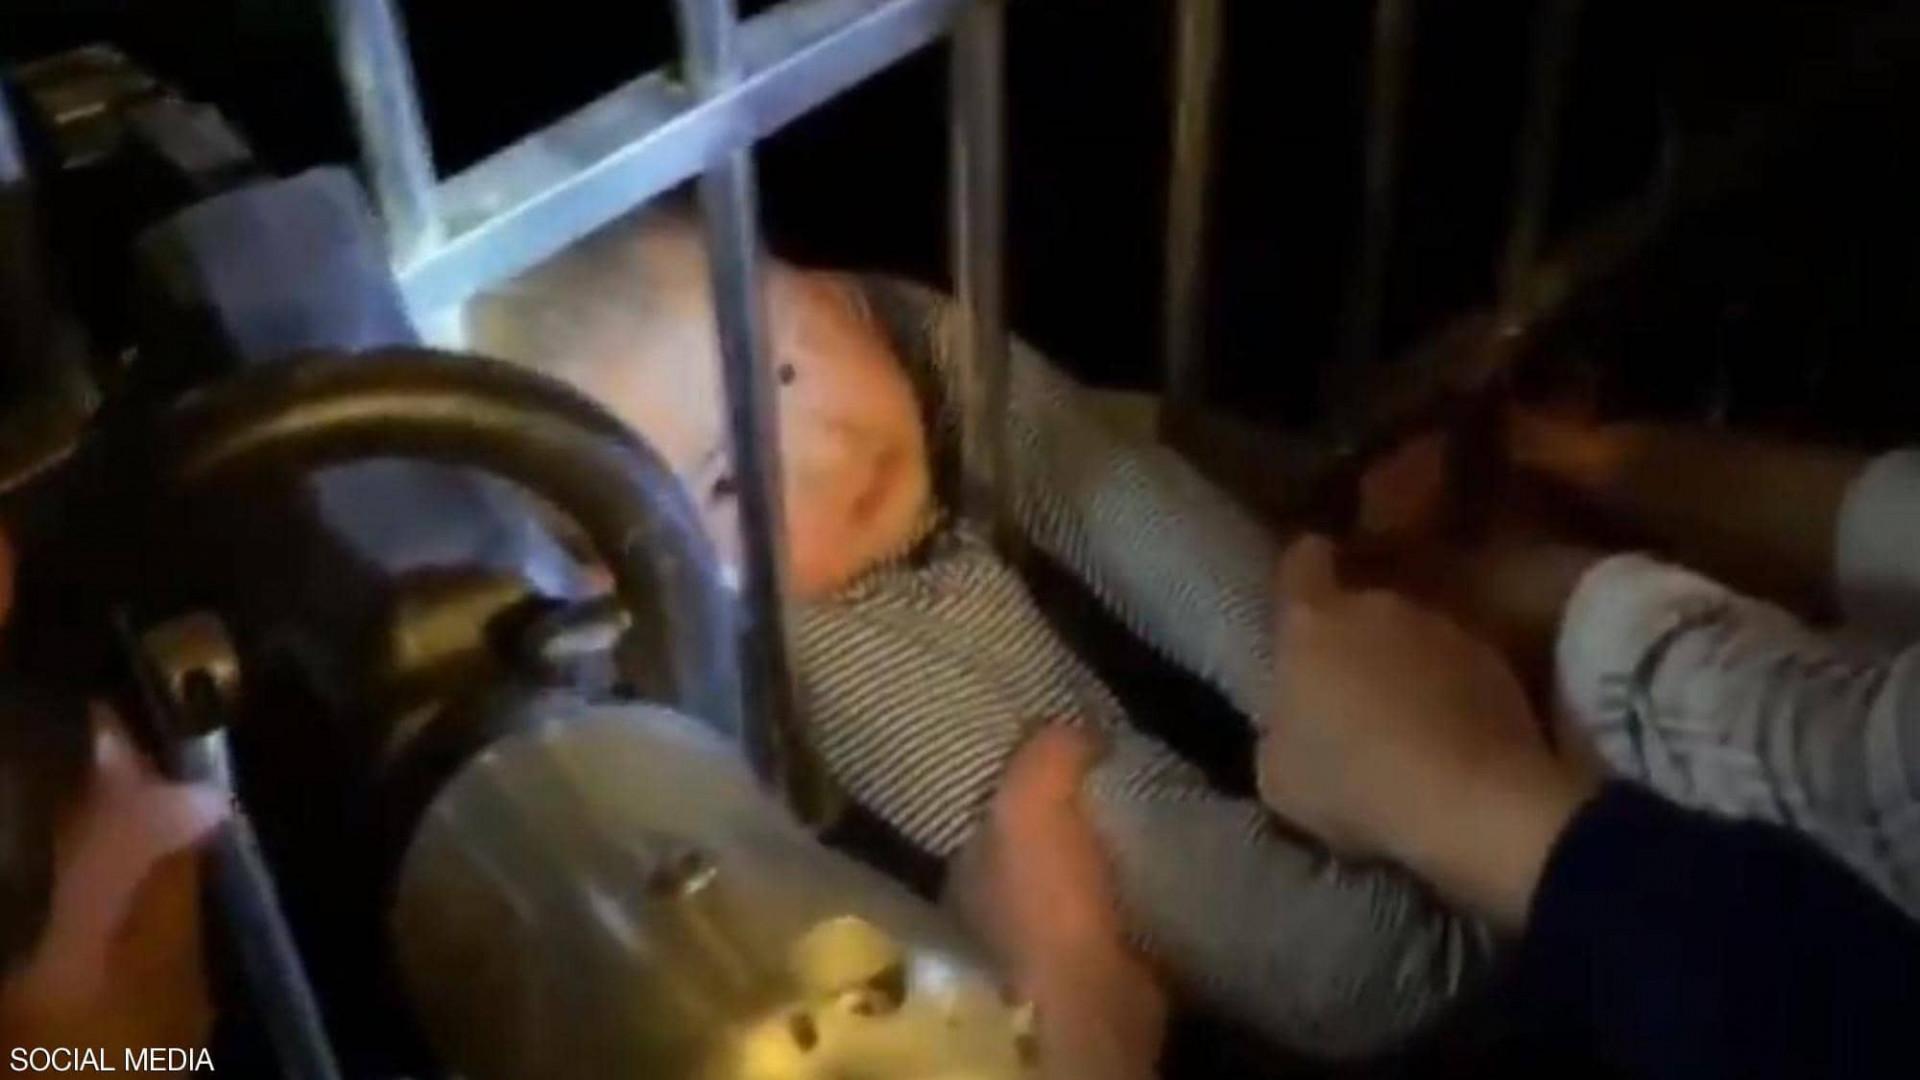 فيديو يحبس الأنفاس.. طفل يسقط من الطابق الـ13 وينجو بإعجوبة